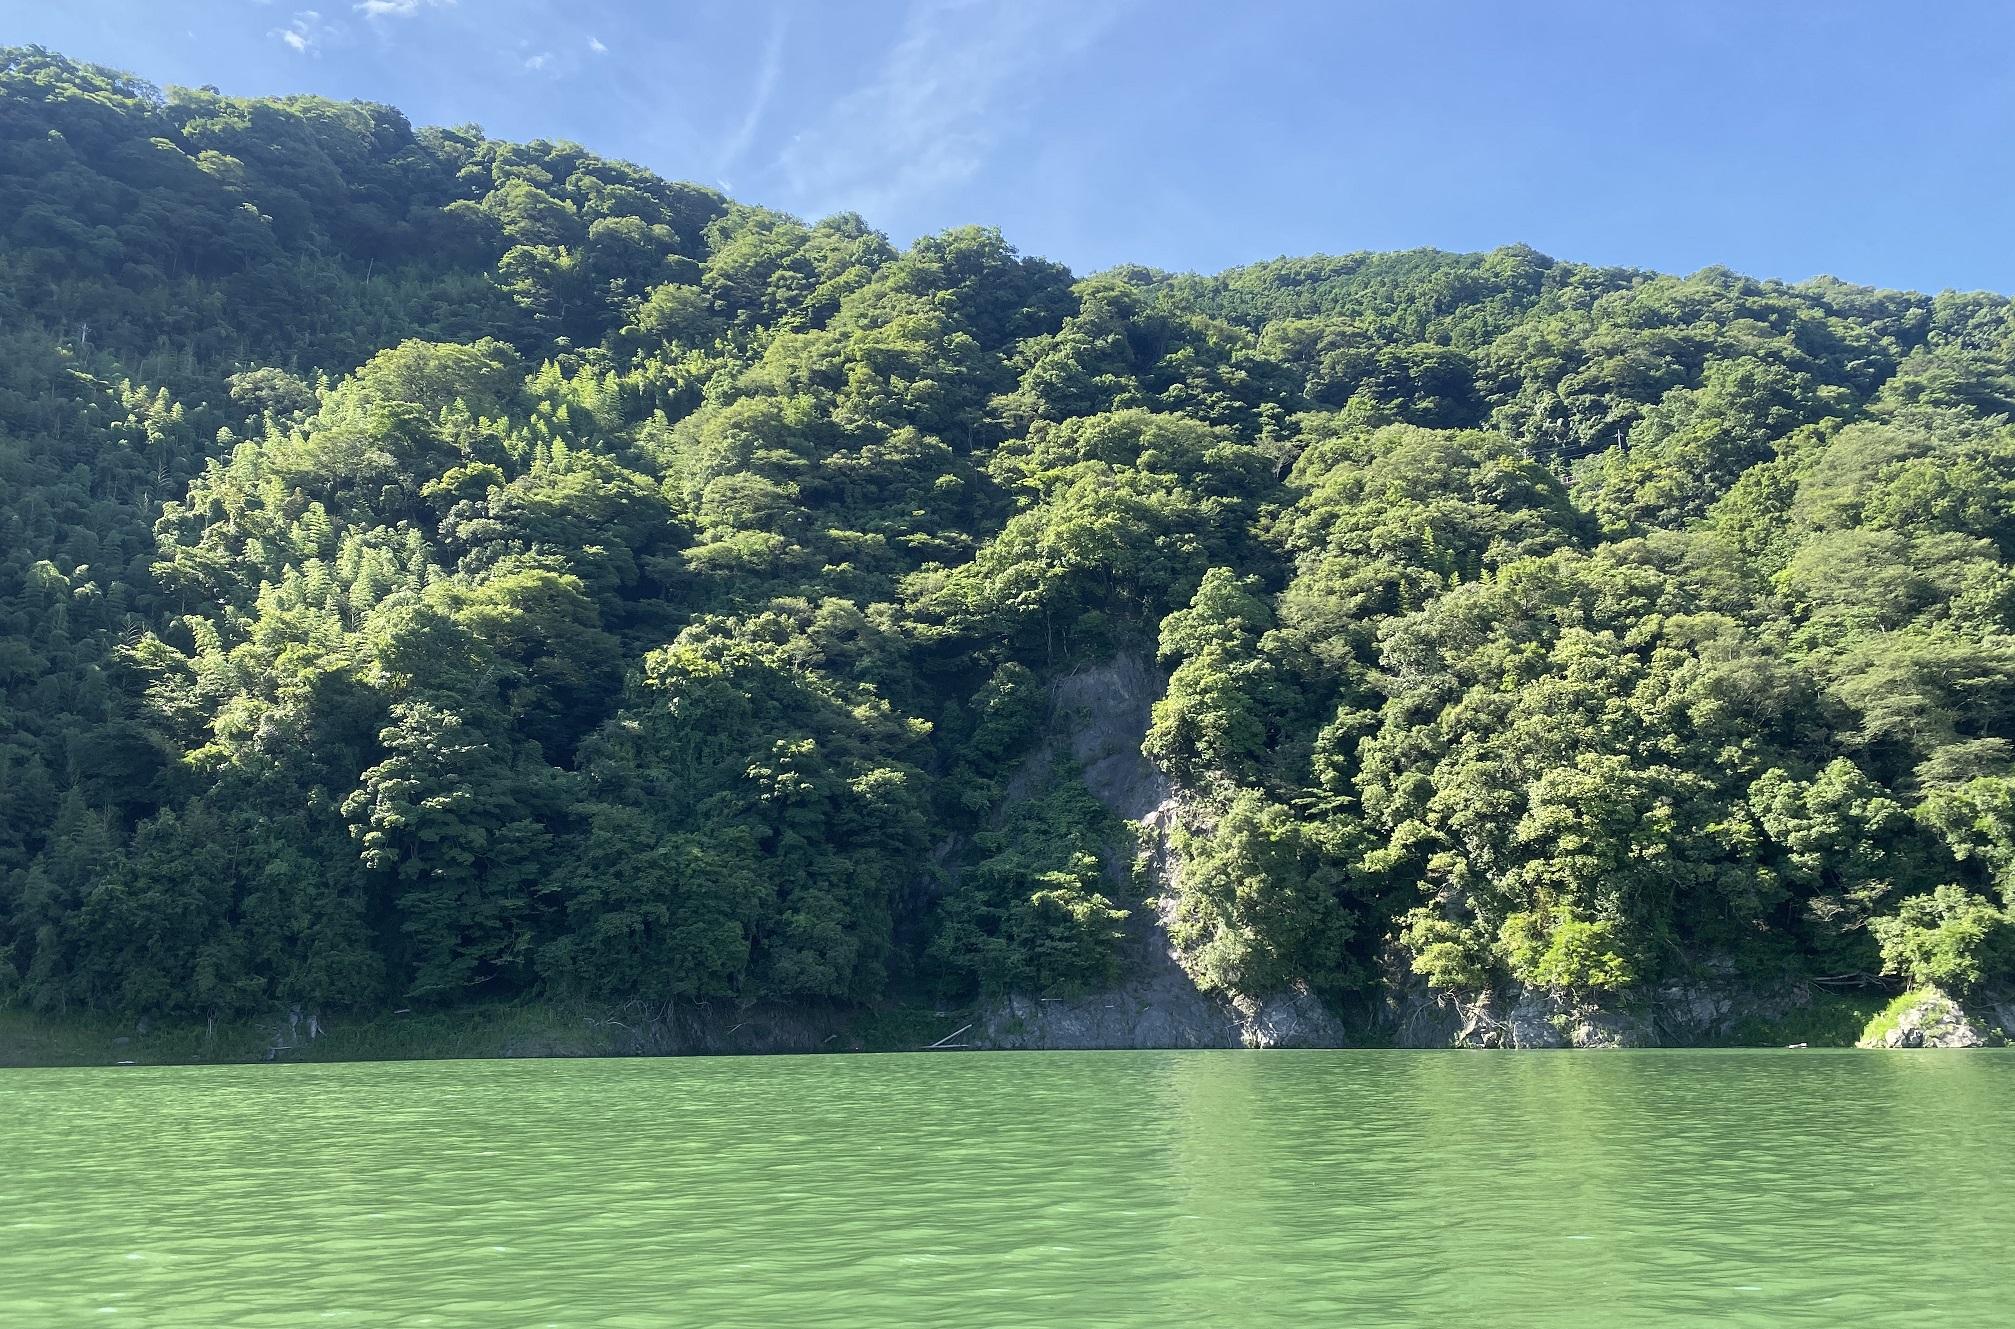 津久井湖 バス釣りポイント 鐘ヶ淵